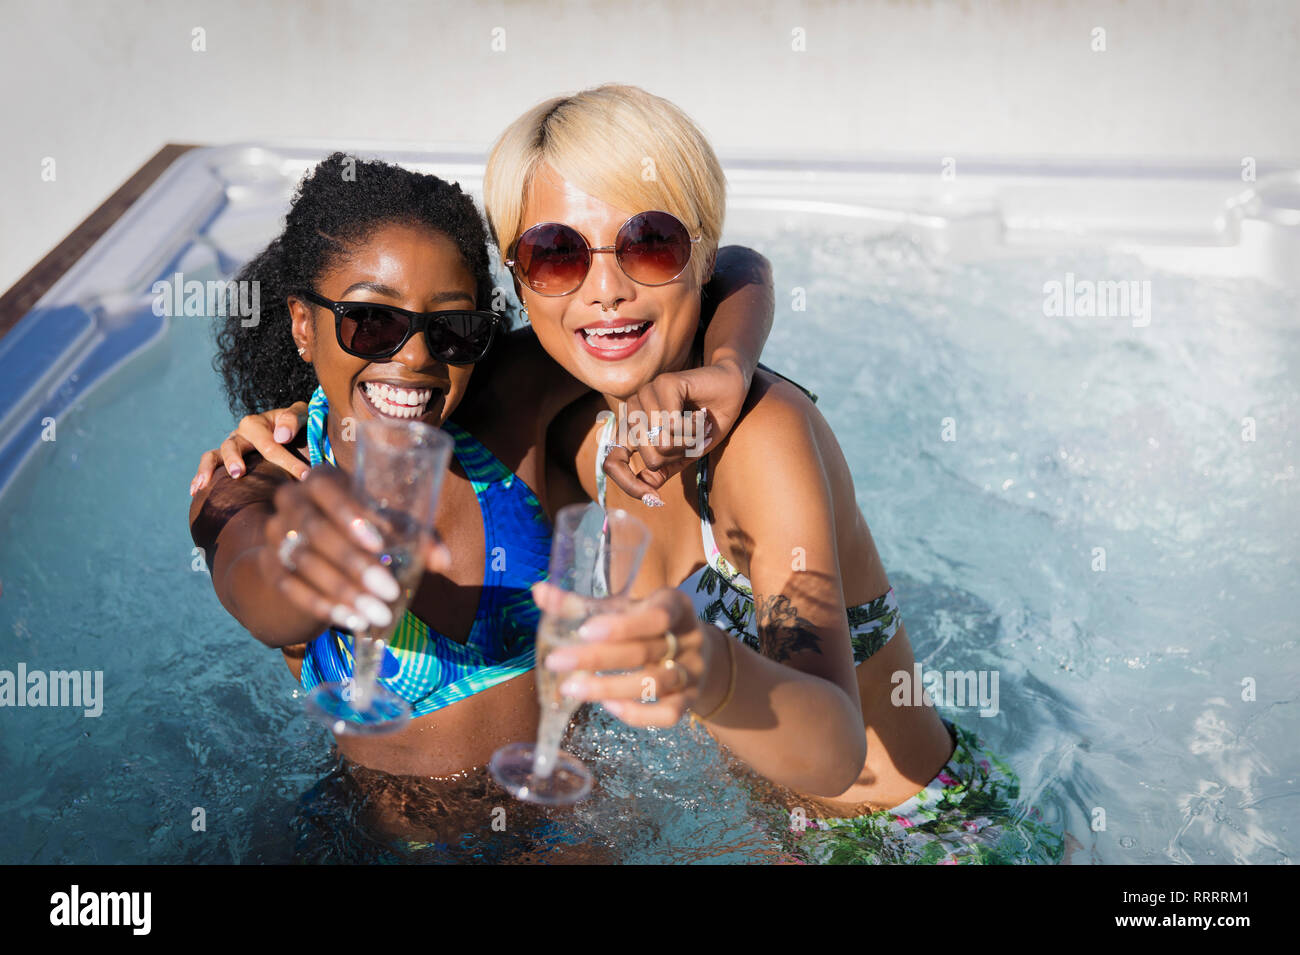 Portrait ausgelassenen jungen Frauen Freunde trinken Champagner im sonnigen Whirlpool Stockbild